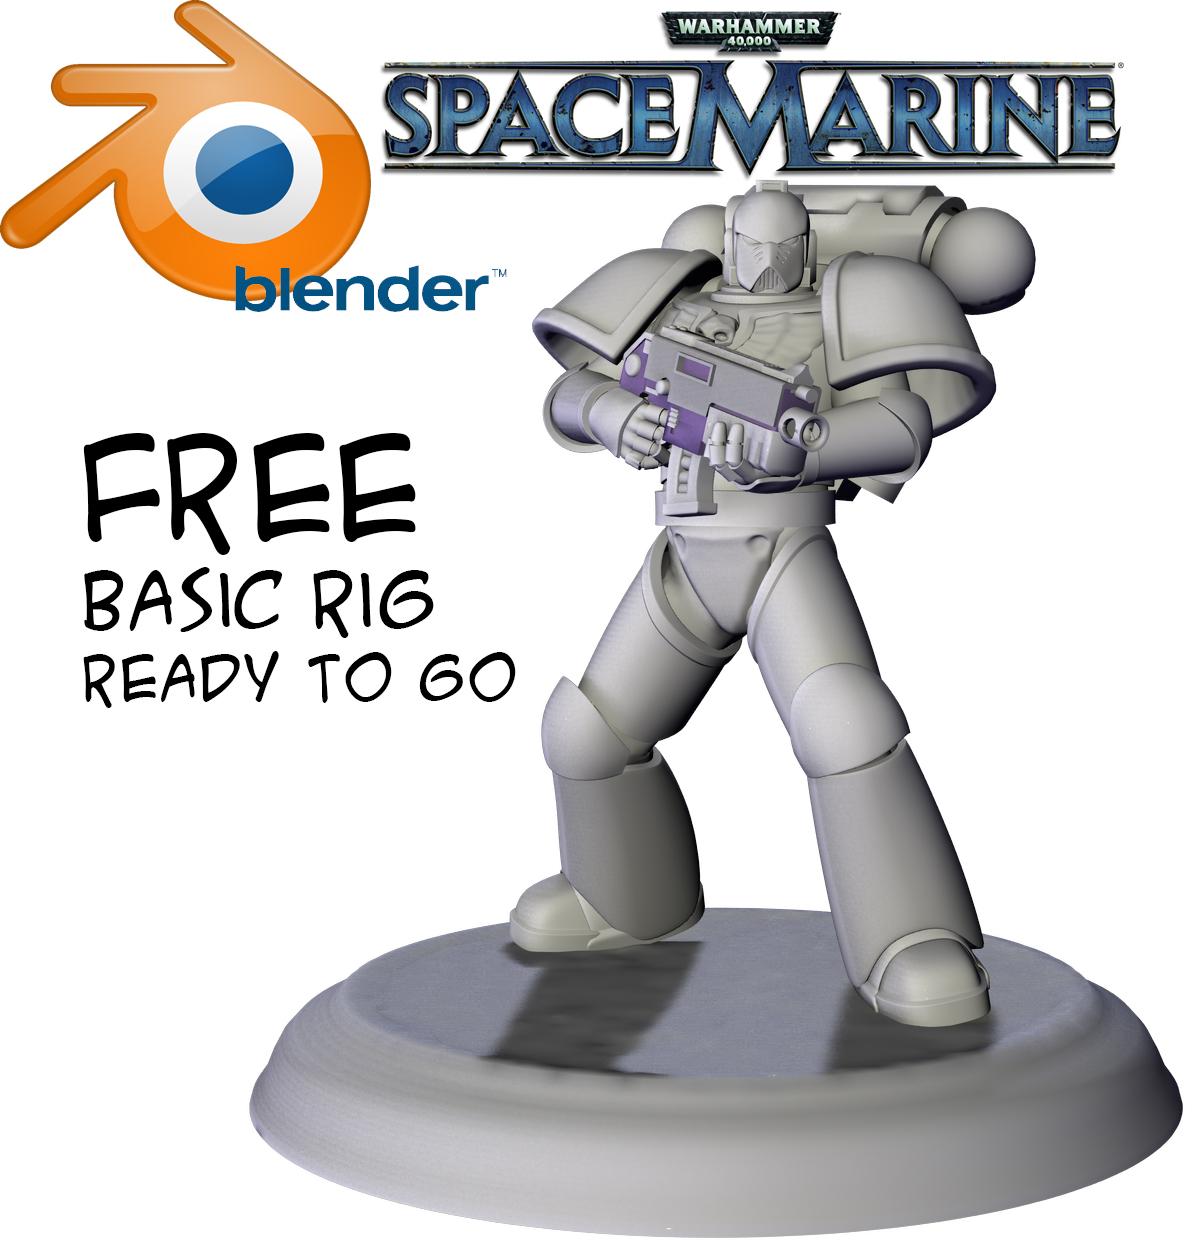 Free Blender Based SpaceMarine (free model download) - Works in